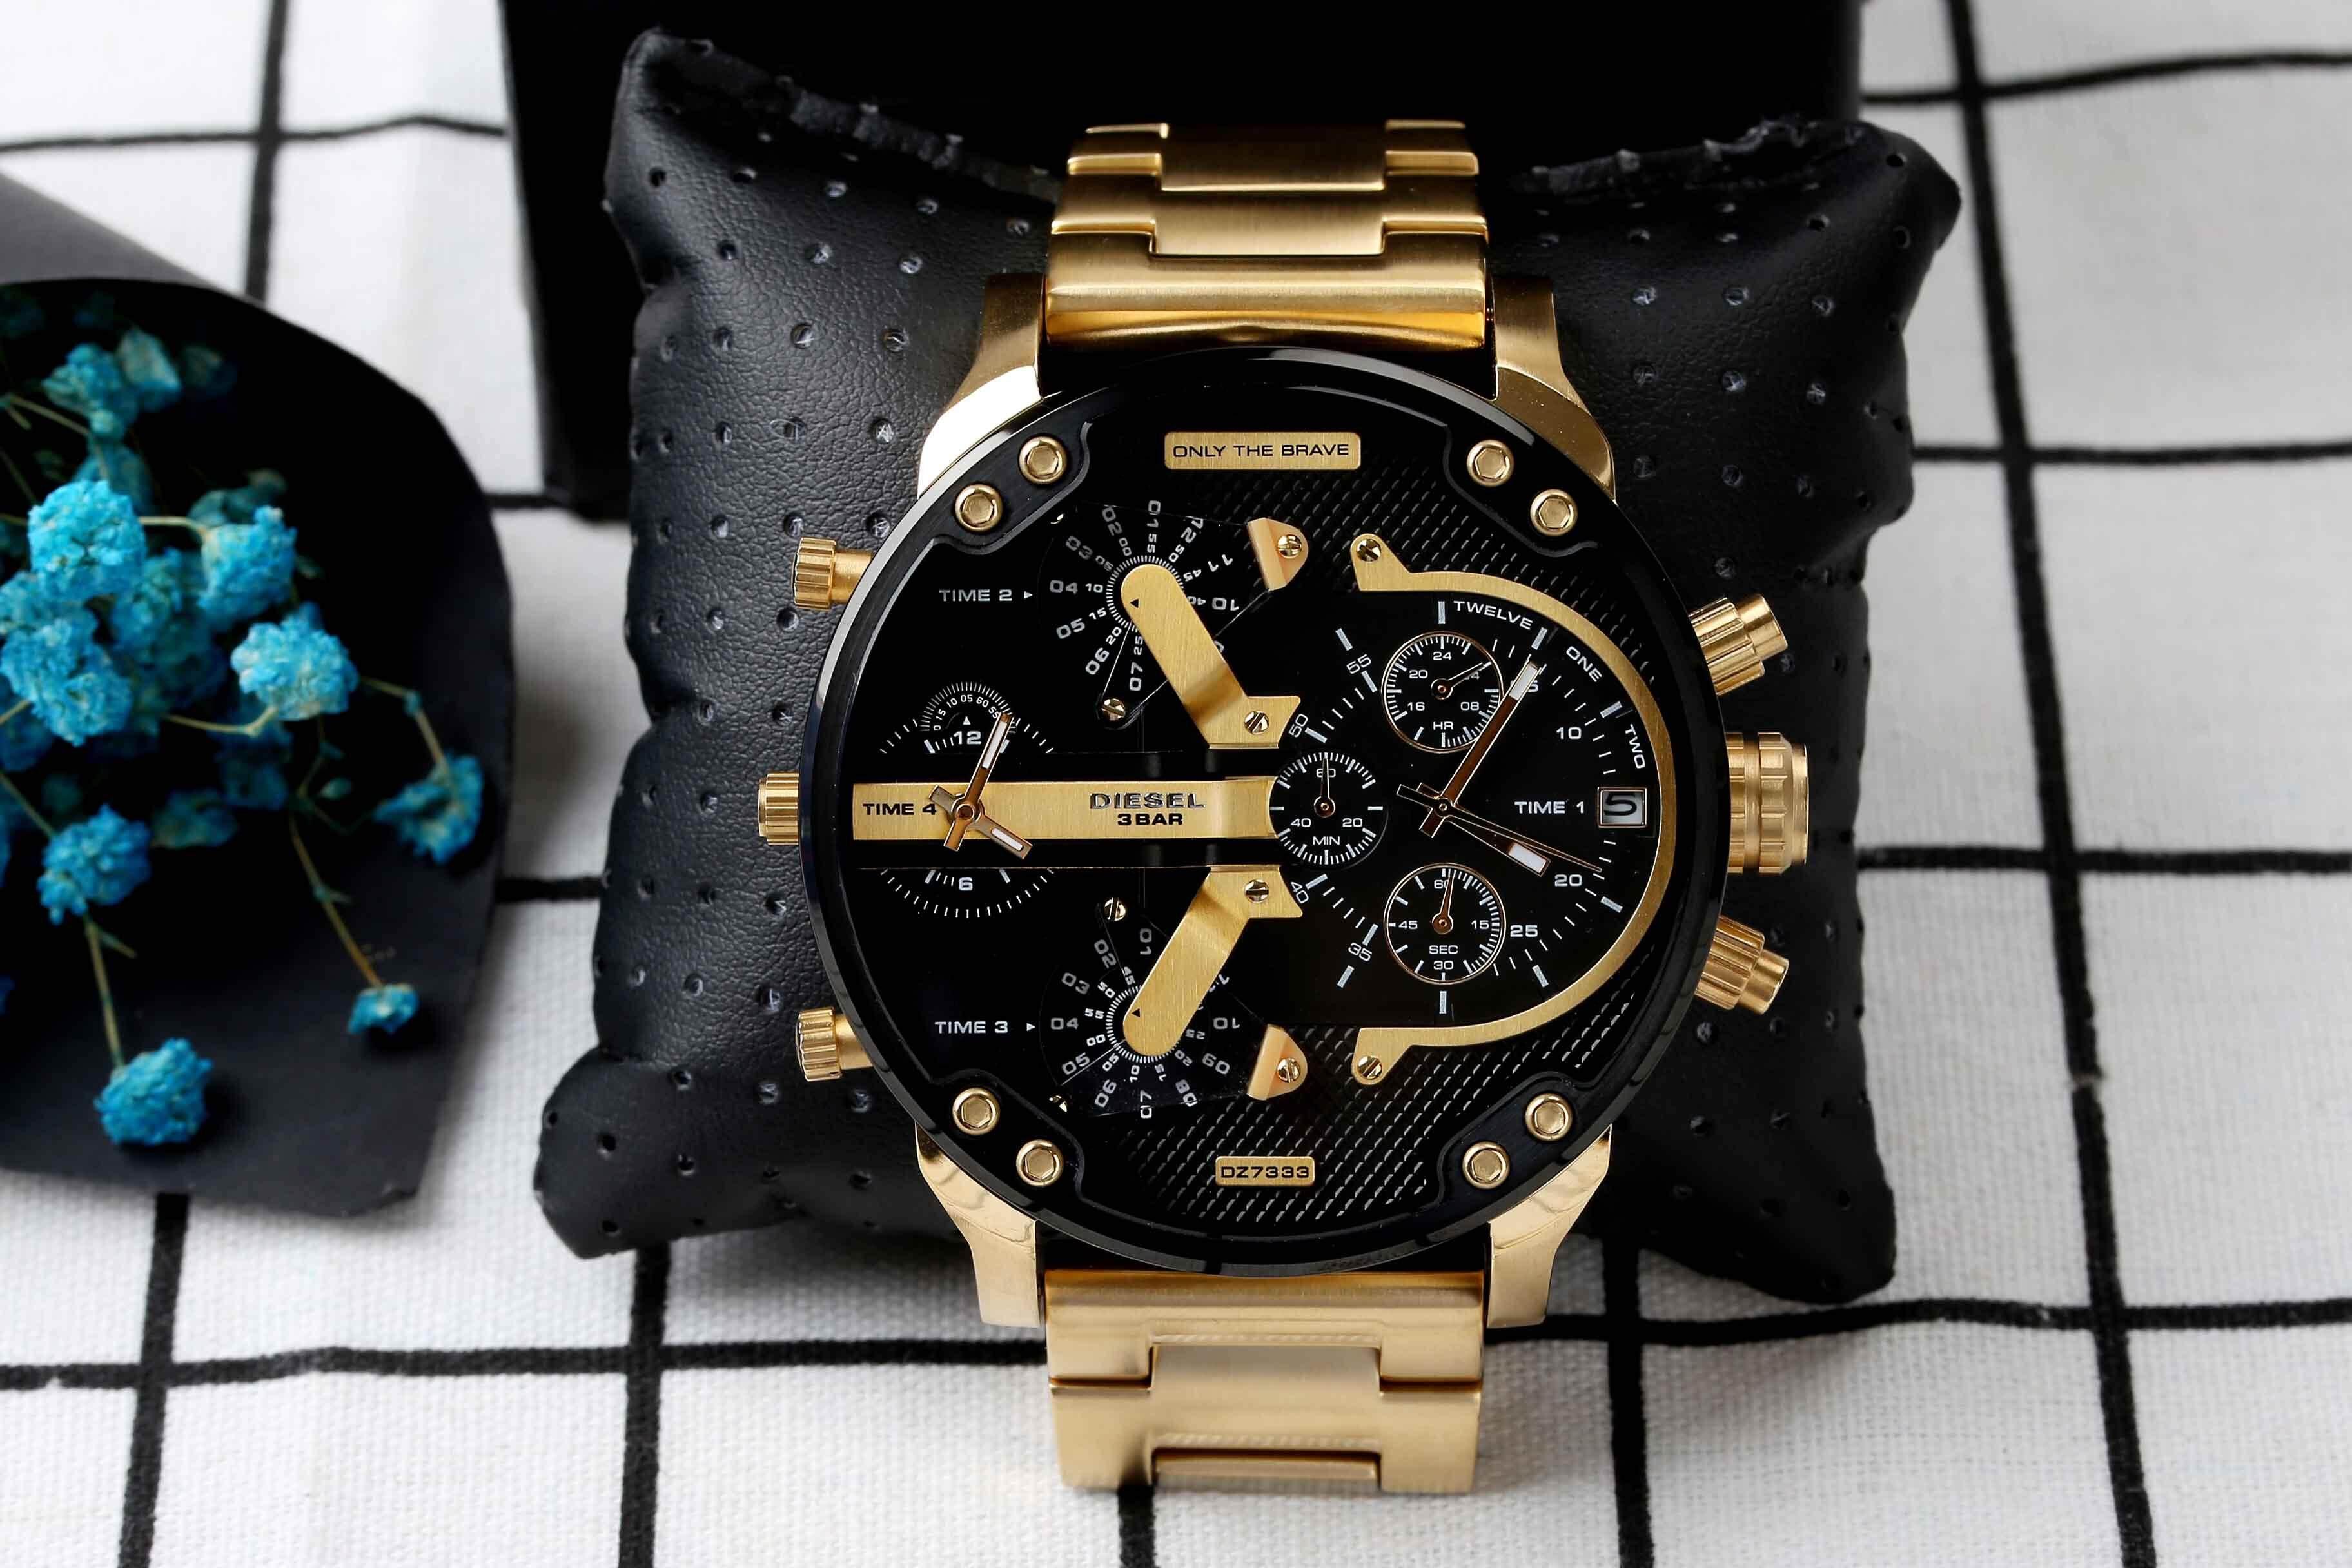 ยี่ห้อไหนดี  ฉะเชิงเทรา Genuine Products Waterproof Diesel_Military Series. Three-Eye Timing Fashion casual watch Mineral Toughened Glass Mirror .Japanese Quartz Core. Resin Strap .